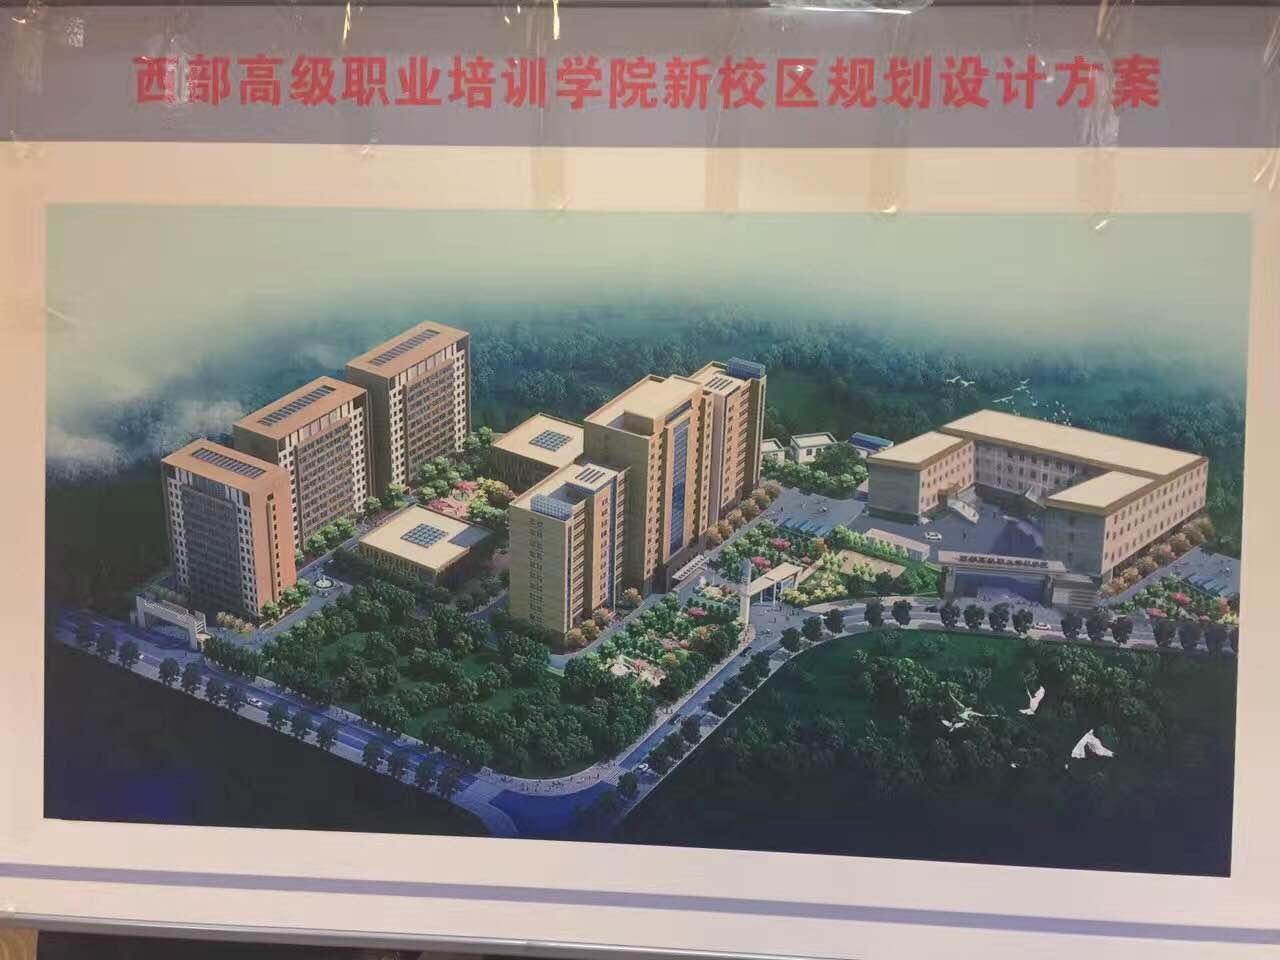 涿州四季小镇